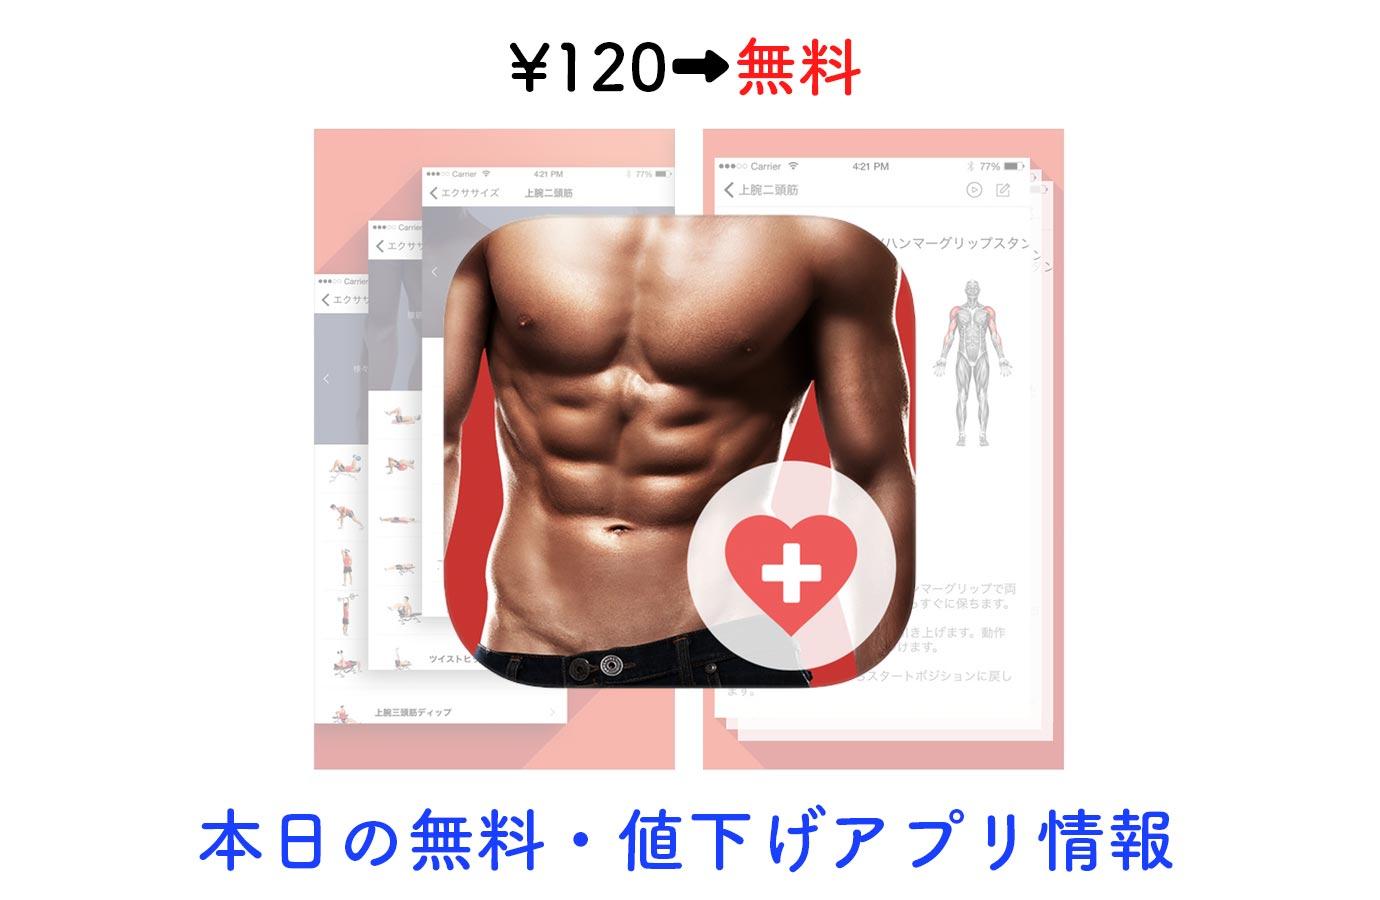 ¥120→無料、動画付き本格的な筋トレアプリ「Fitness & Bodybuilding」など【10/25】本日の無料・値下げアプリ情報